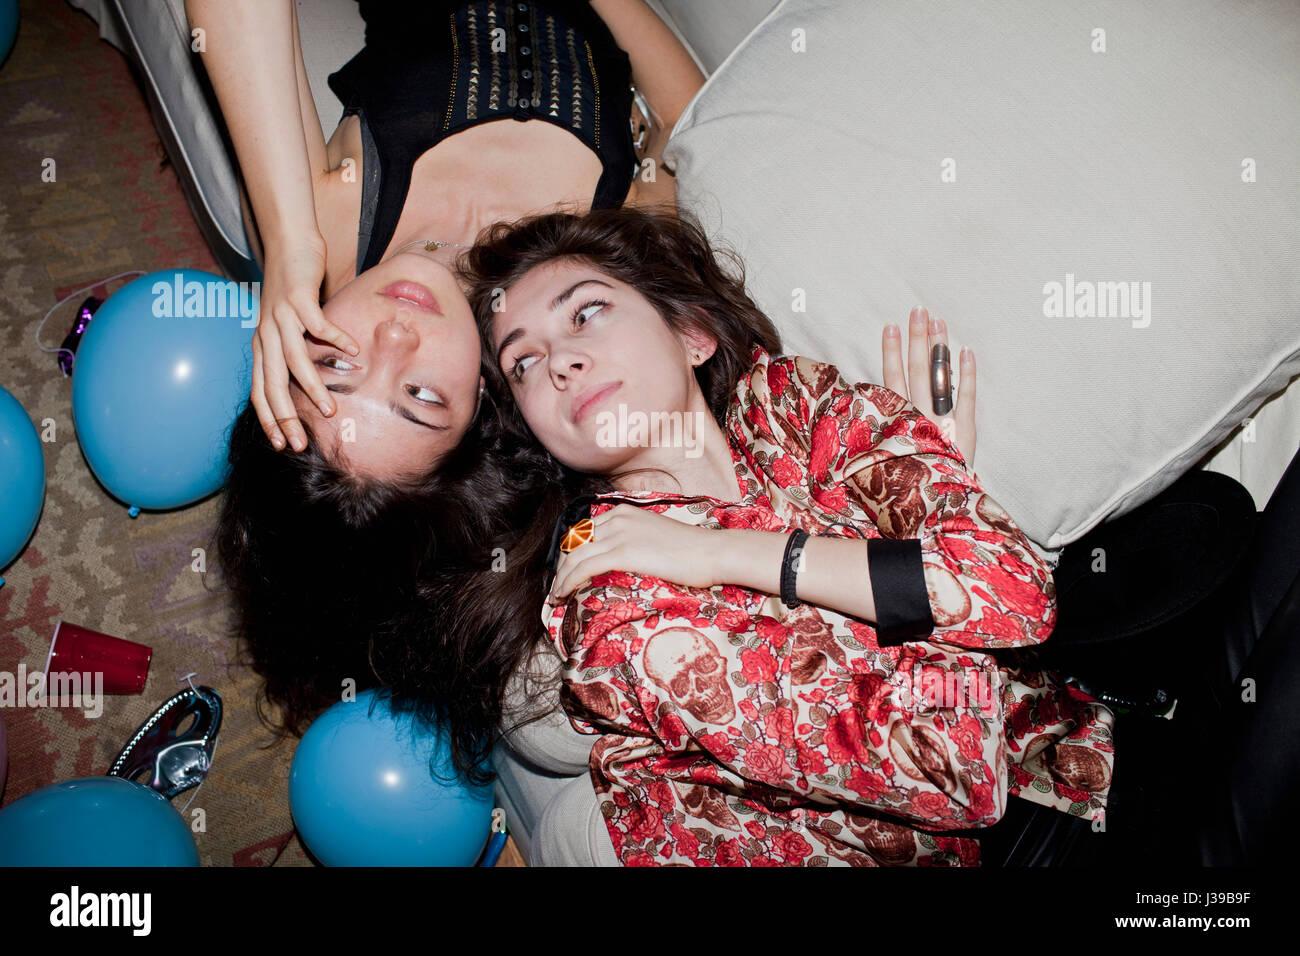 Las mujeres jóvenes en una fiesta Imagen De Stock